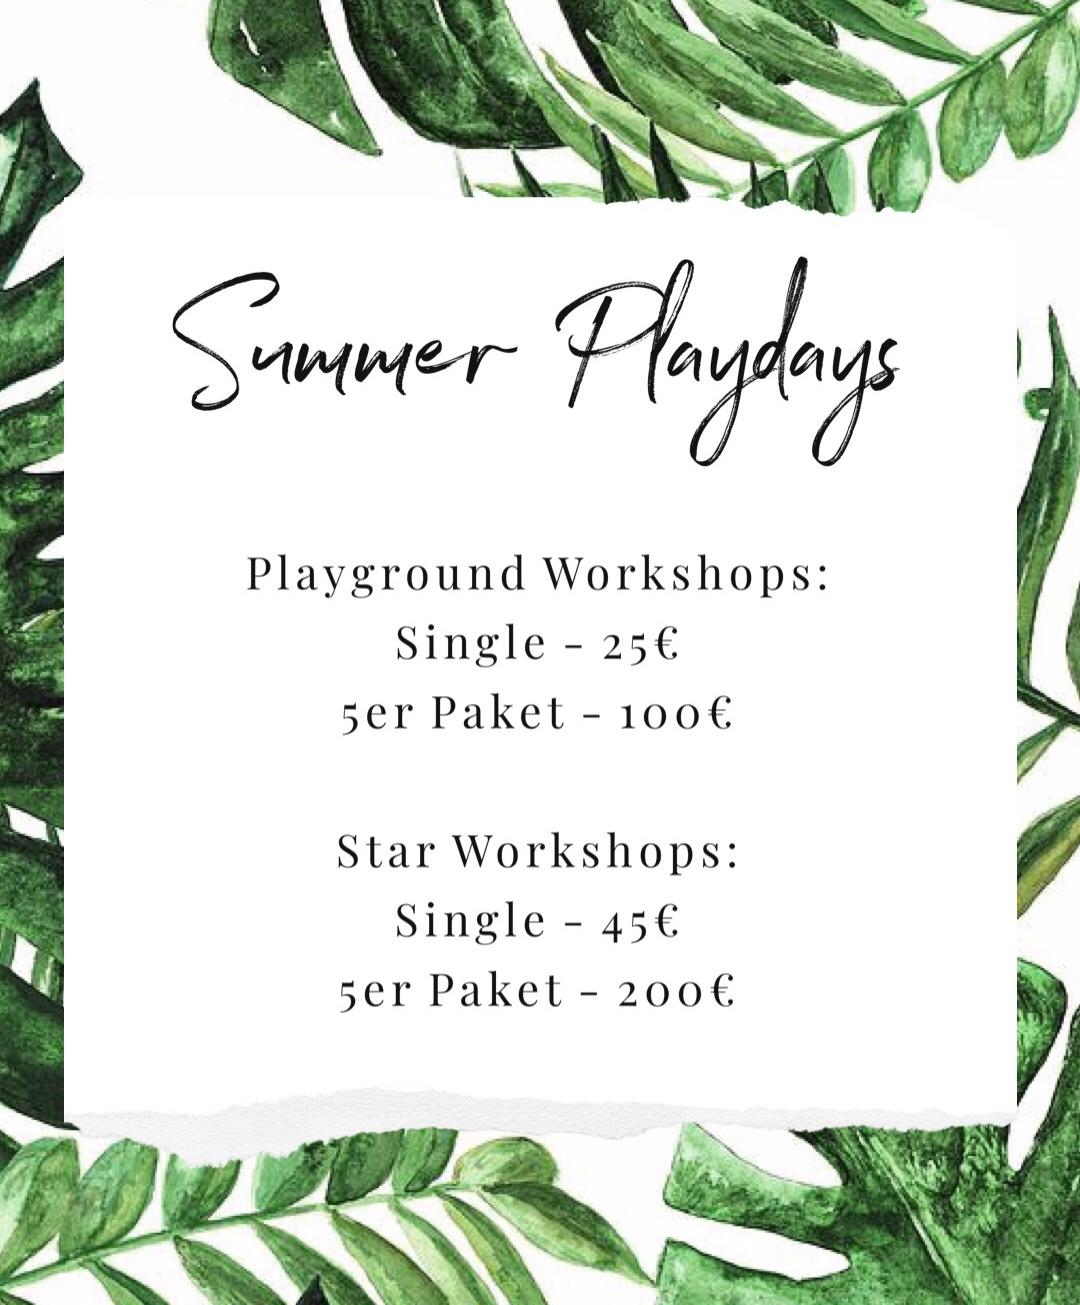 Einzelne Workshops bei denSummer Playdays - Ab Freitag 12.7. können einzelne Plätze bei den Summer Playdays gebucht werden.Alle Workshops können einzeln oder als 5er Paket gebucht werden.Auch die Fitnesseinheiten werden freigeschalten. An diesen könnt ihr auch mit euren 10er Blöcken teilnehmen.Wenn dein Lieblingsworkshop schon ausgebucht ist, kannst du dich auf die Warteliste setzen und wirst benachrichtigt, falls ein Platz frei wird!Wir freuen uns schon so auf die Playdays!Die beste Woche des ganzen Jahres steht wieder vor der Türe <3